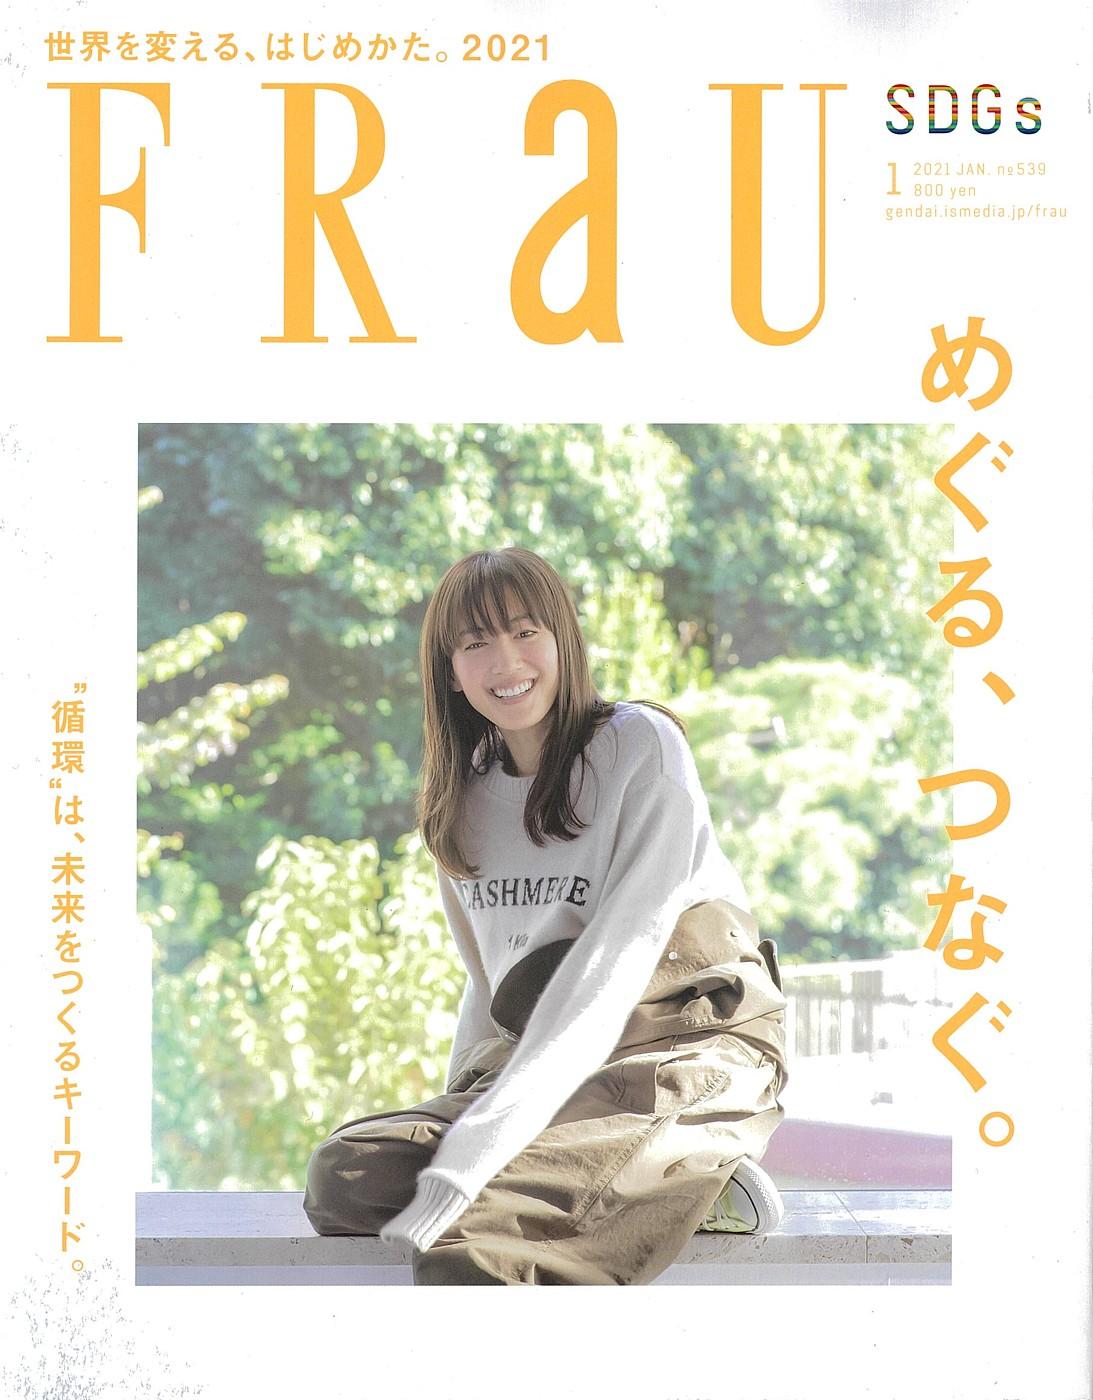 雑誌 FRaU のSDGs 特集に掲載されました